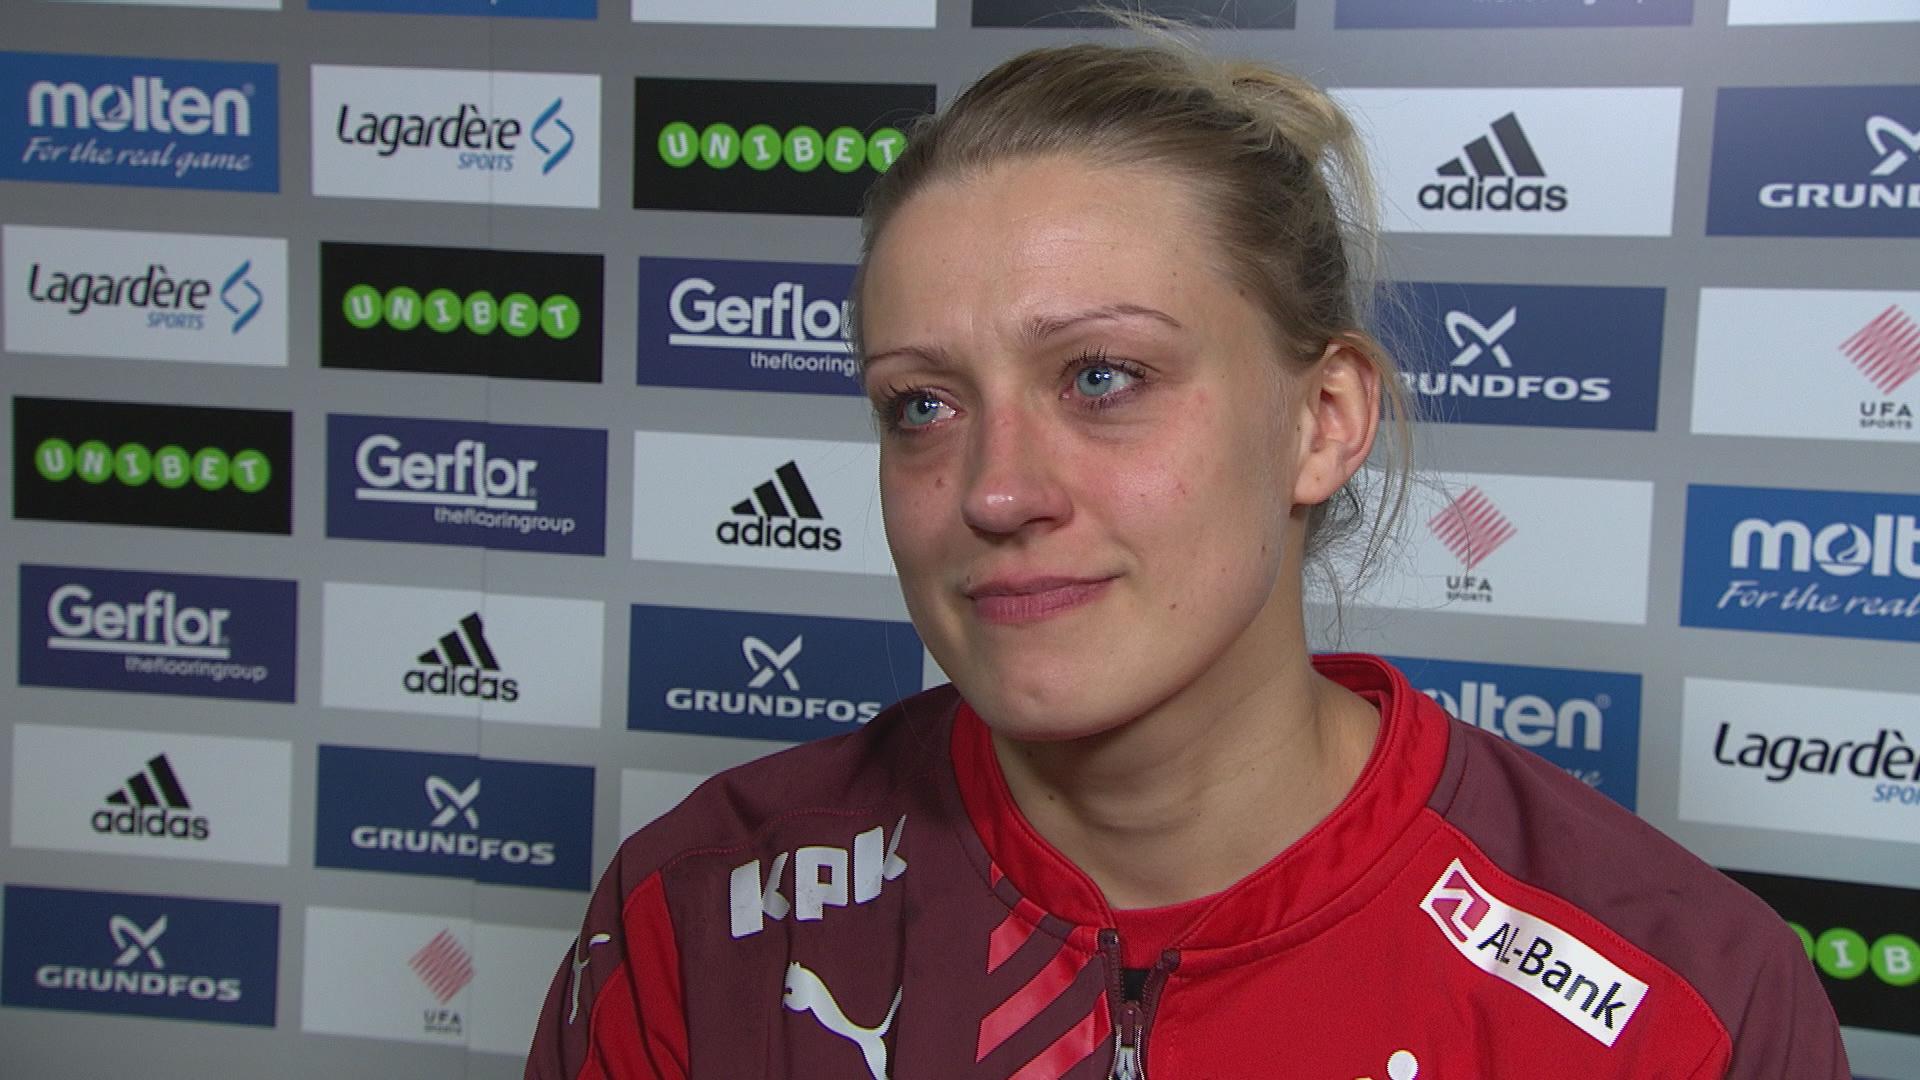 Ann-Grethe Nørgaard